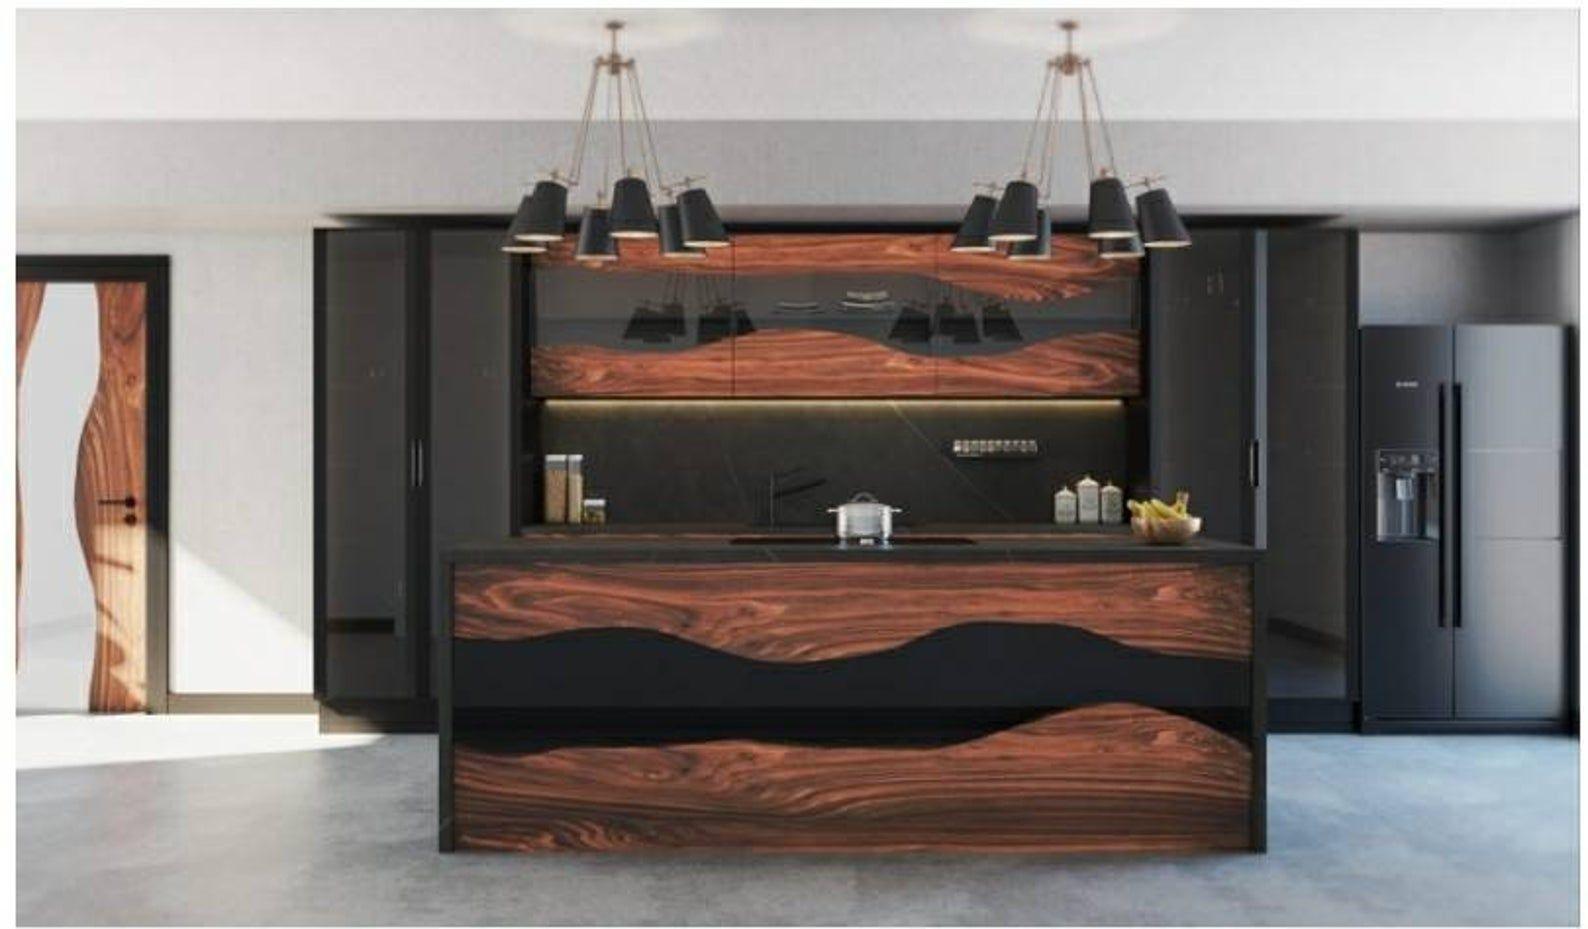 Legnor Kitchen Design Epoxy Kitchen Design Resin Kitchen In 2020 Kitchen Design Design Furniture